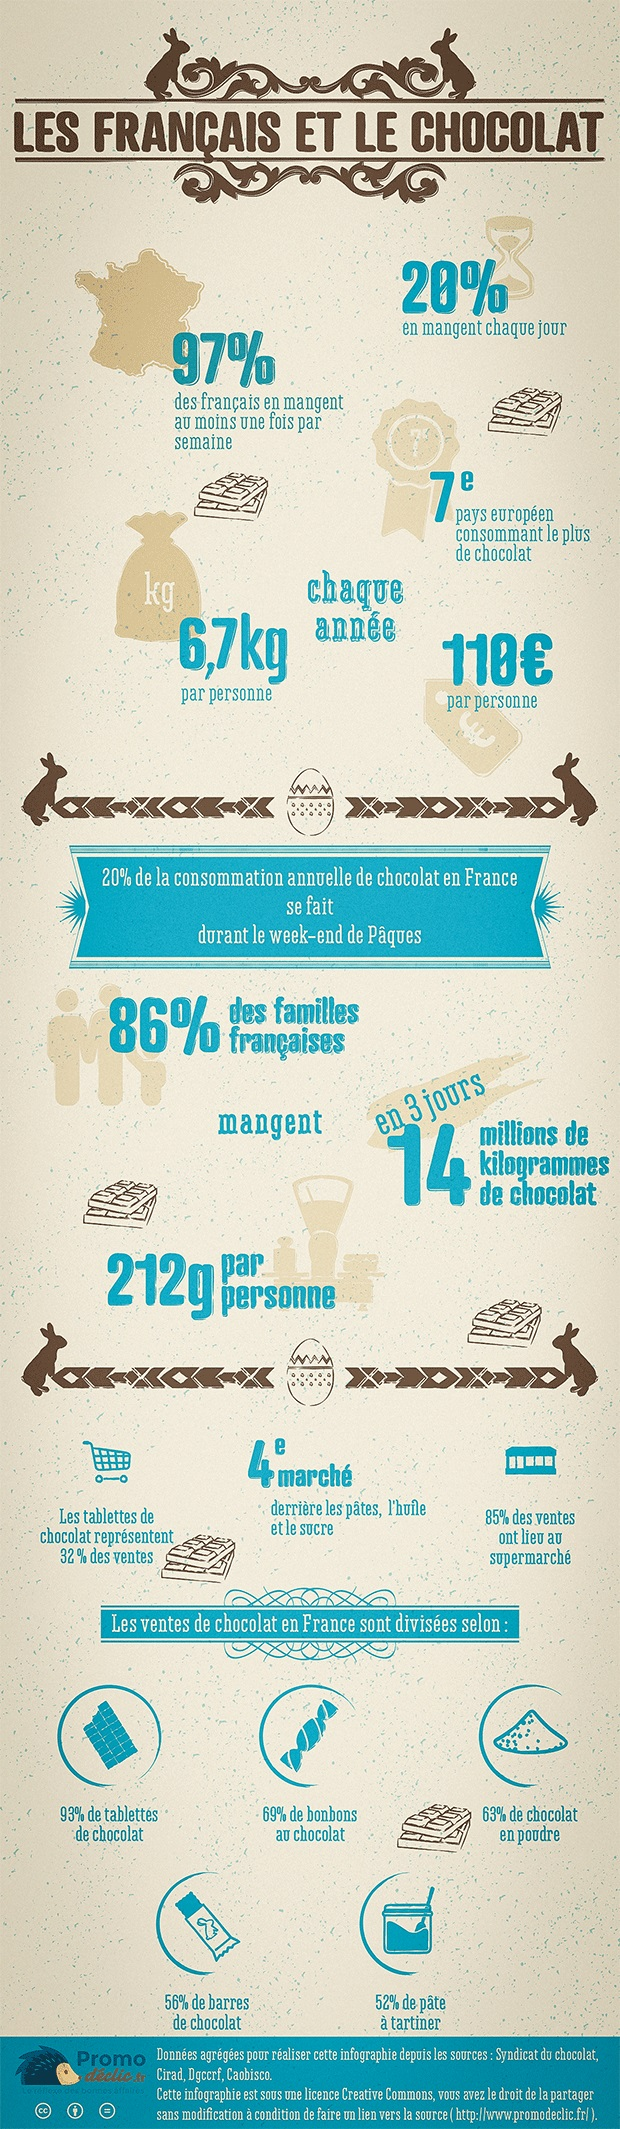 Le chocolat et les français